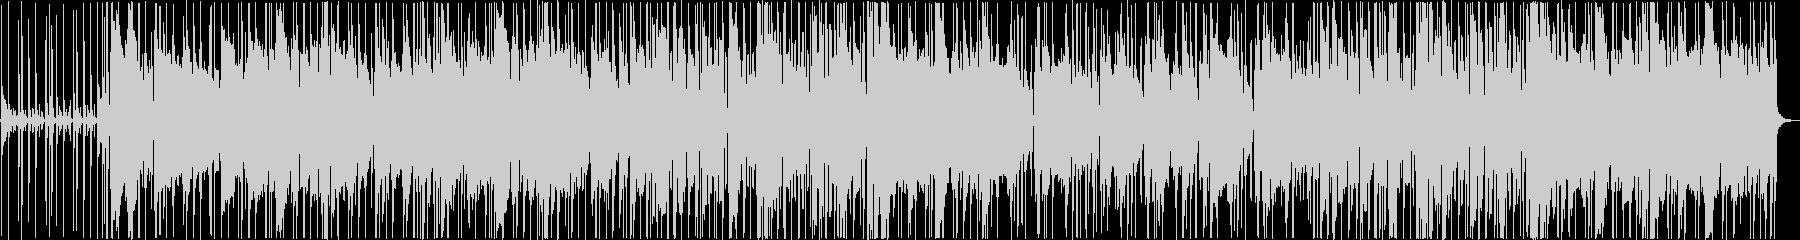 ファンク/ソウル/ R&B。アジャ...の未再生の波形